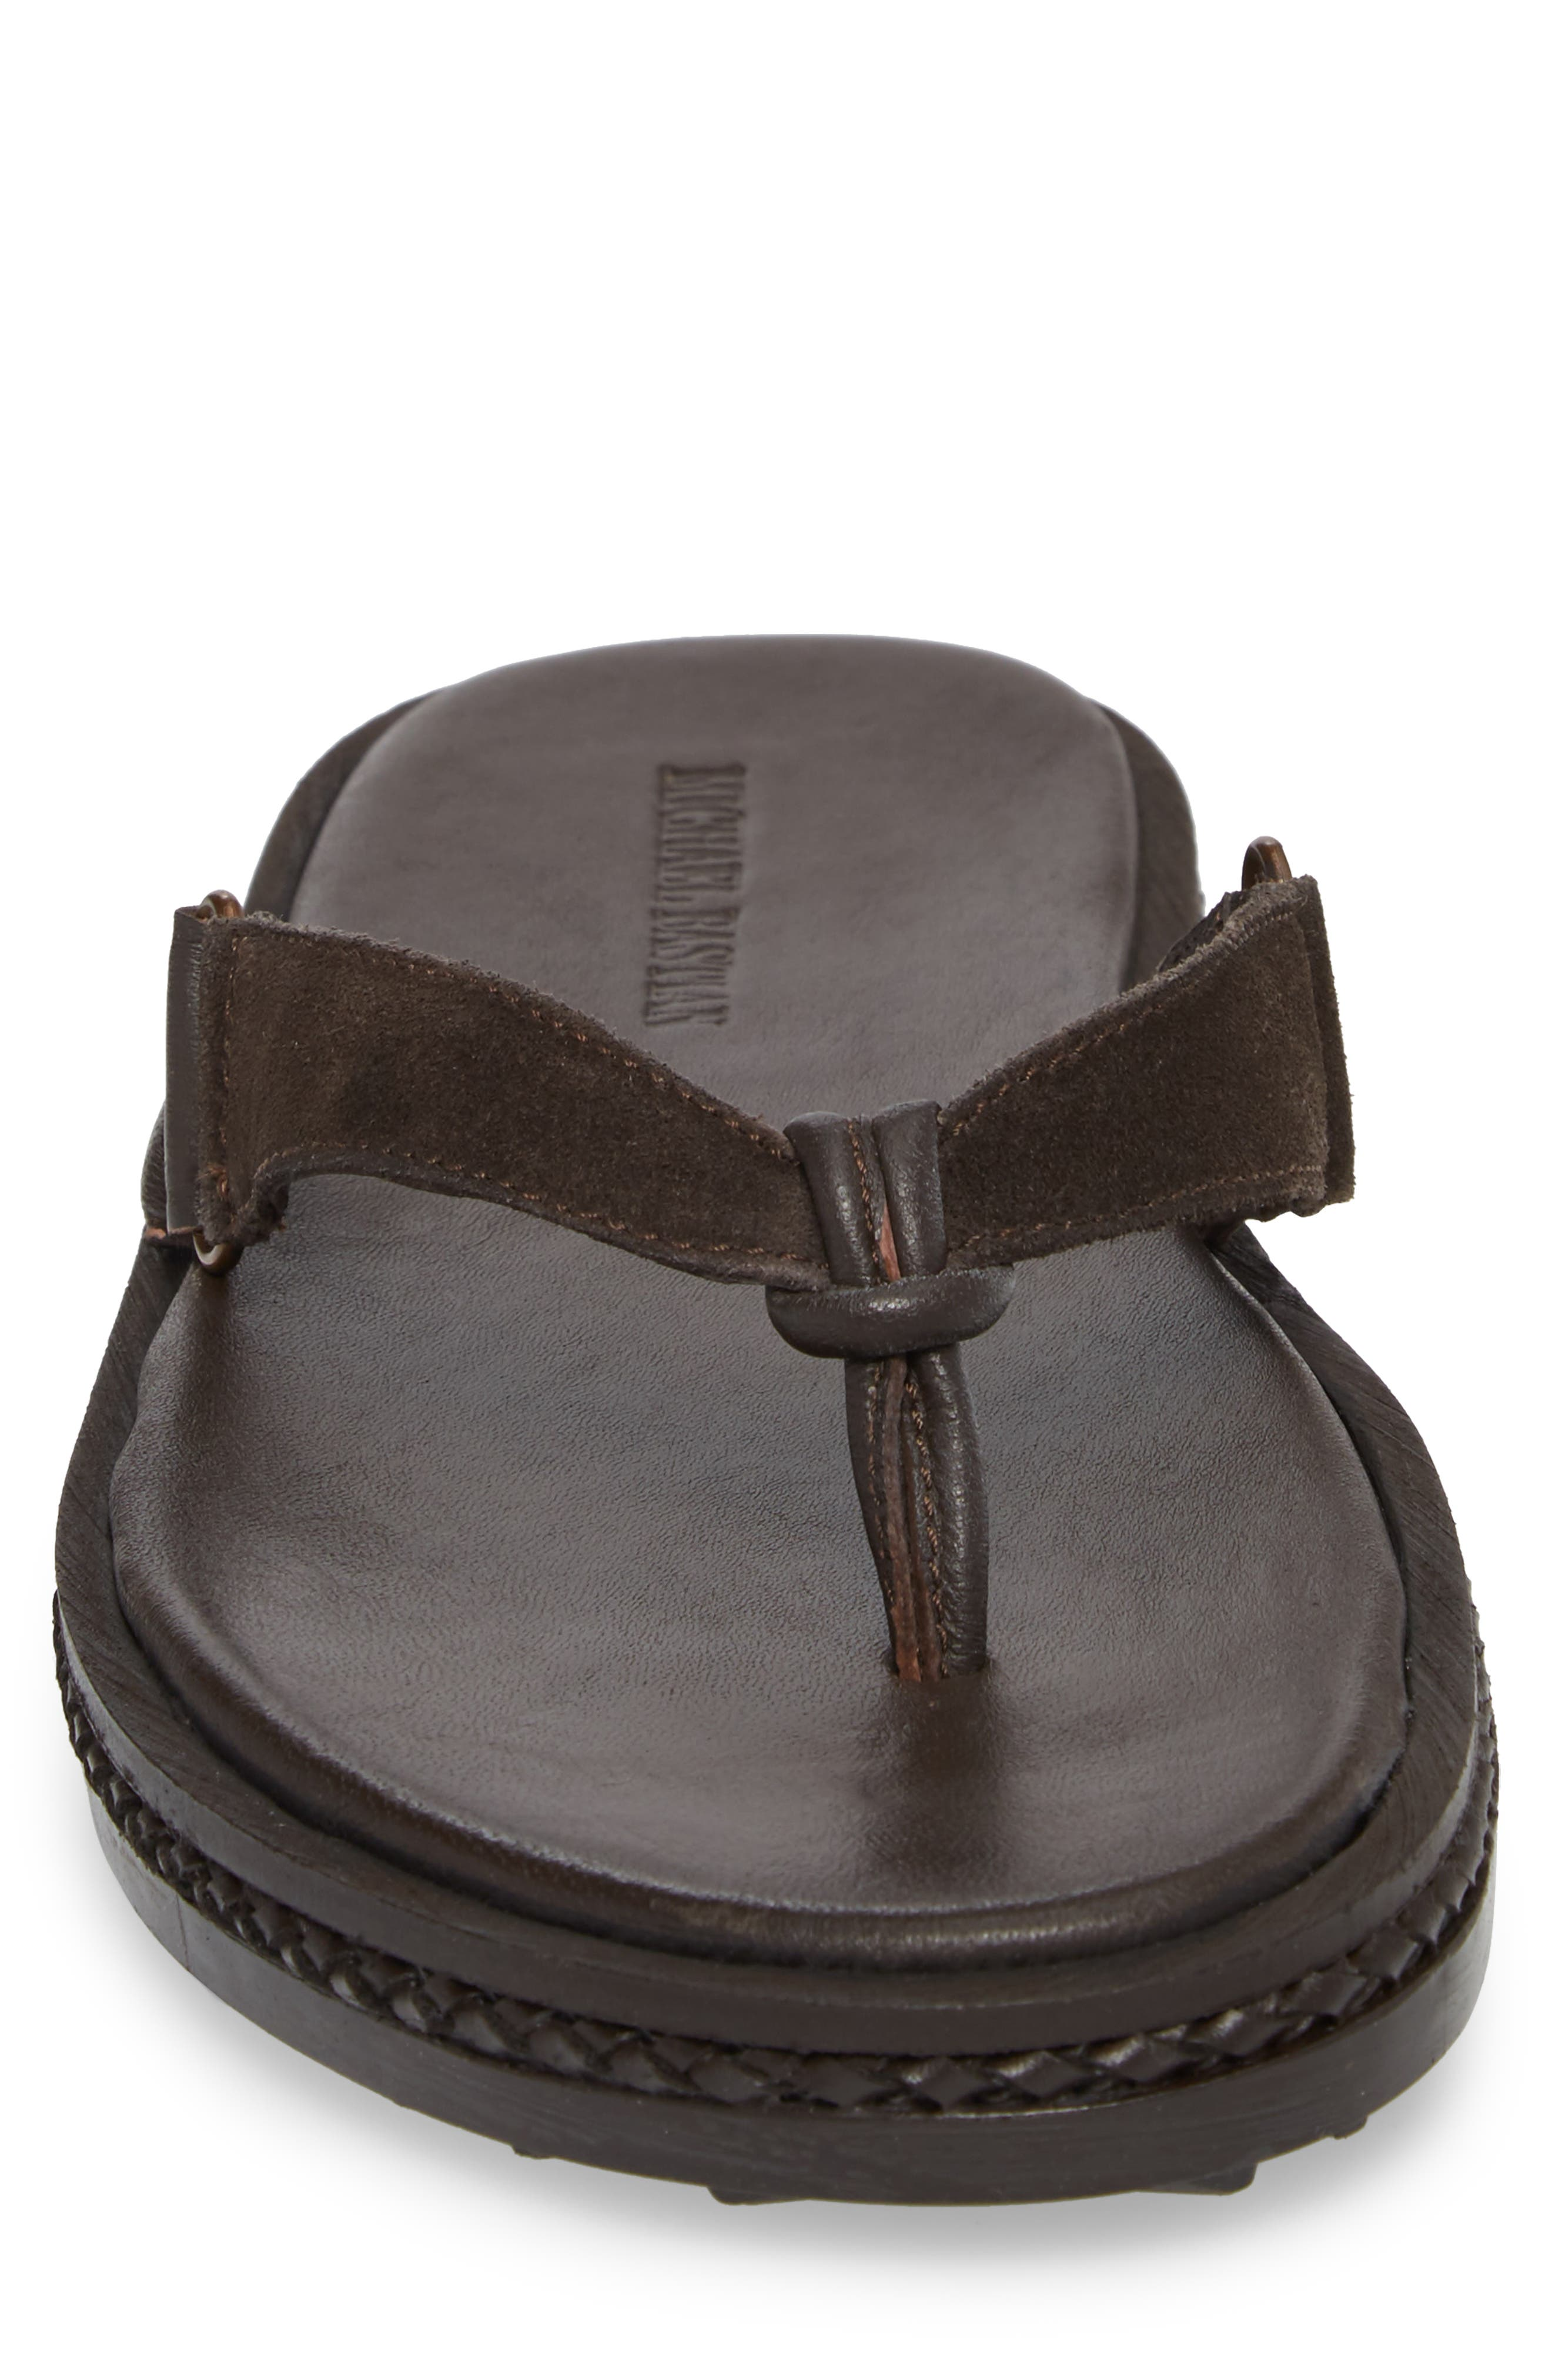 Michael Bastain Flip Flop,                             Alternate thumbnail 4, color,                             Brown Leather